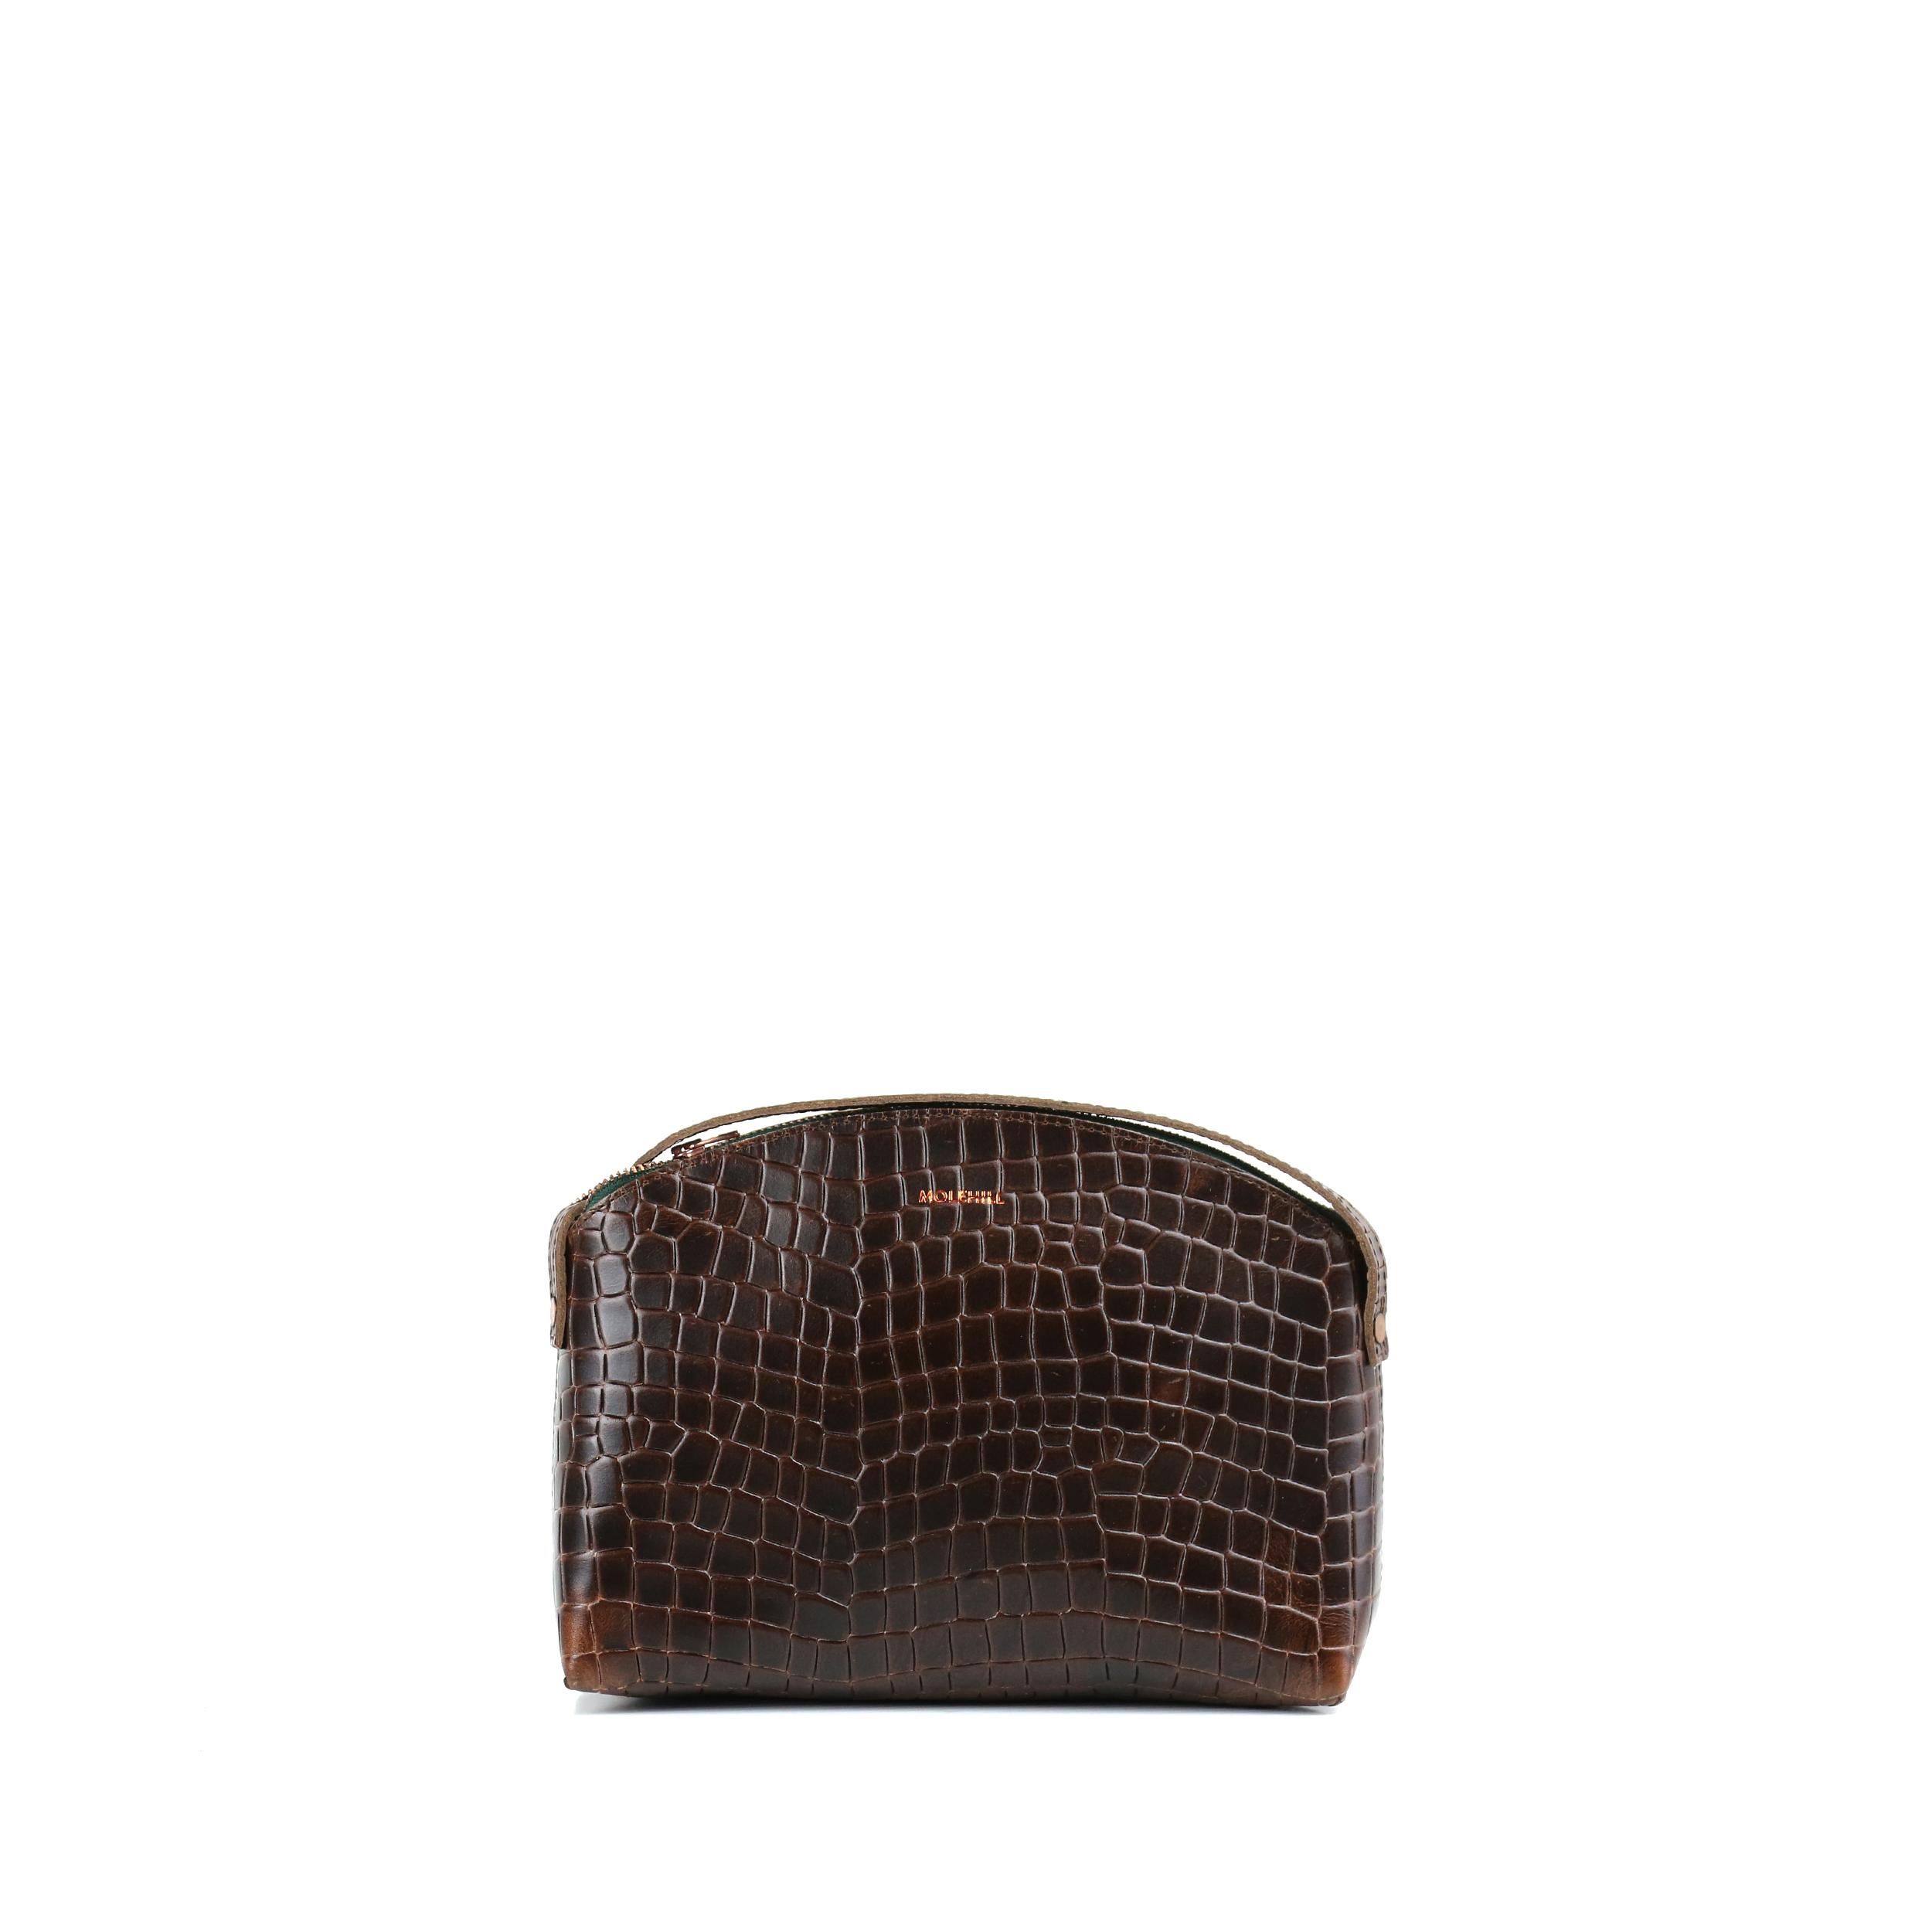 TIMI Crossbody Bag Croco Sample Sale No. 3-1